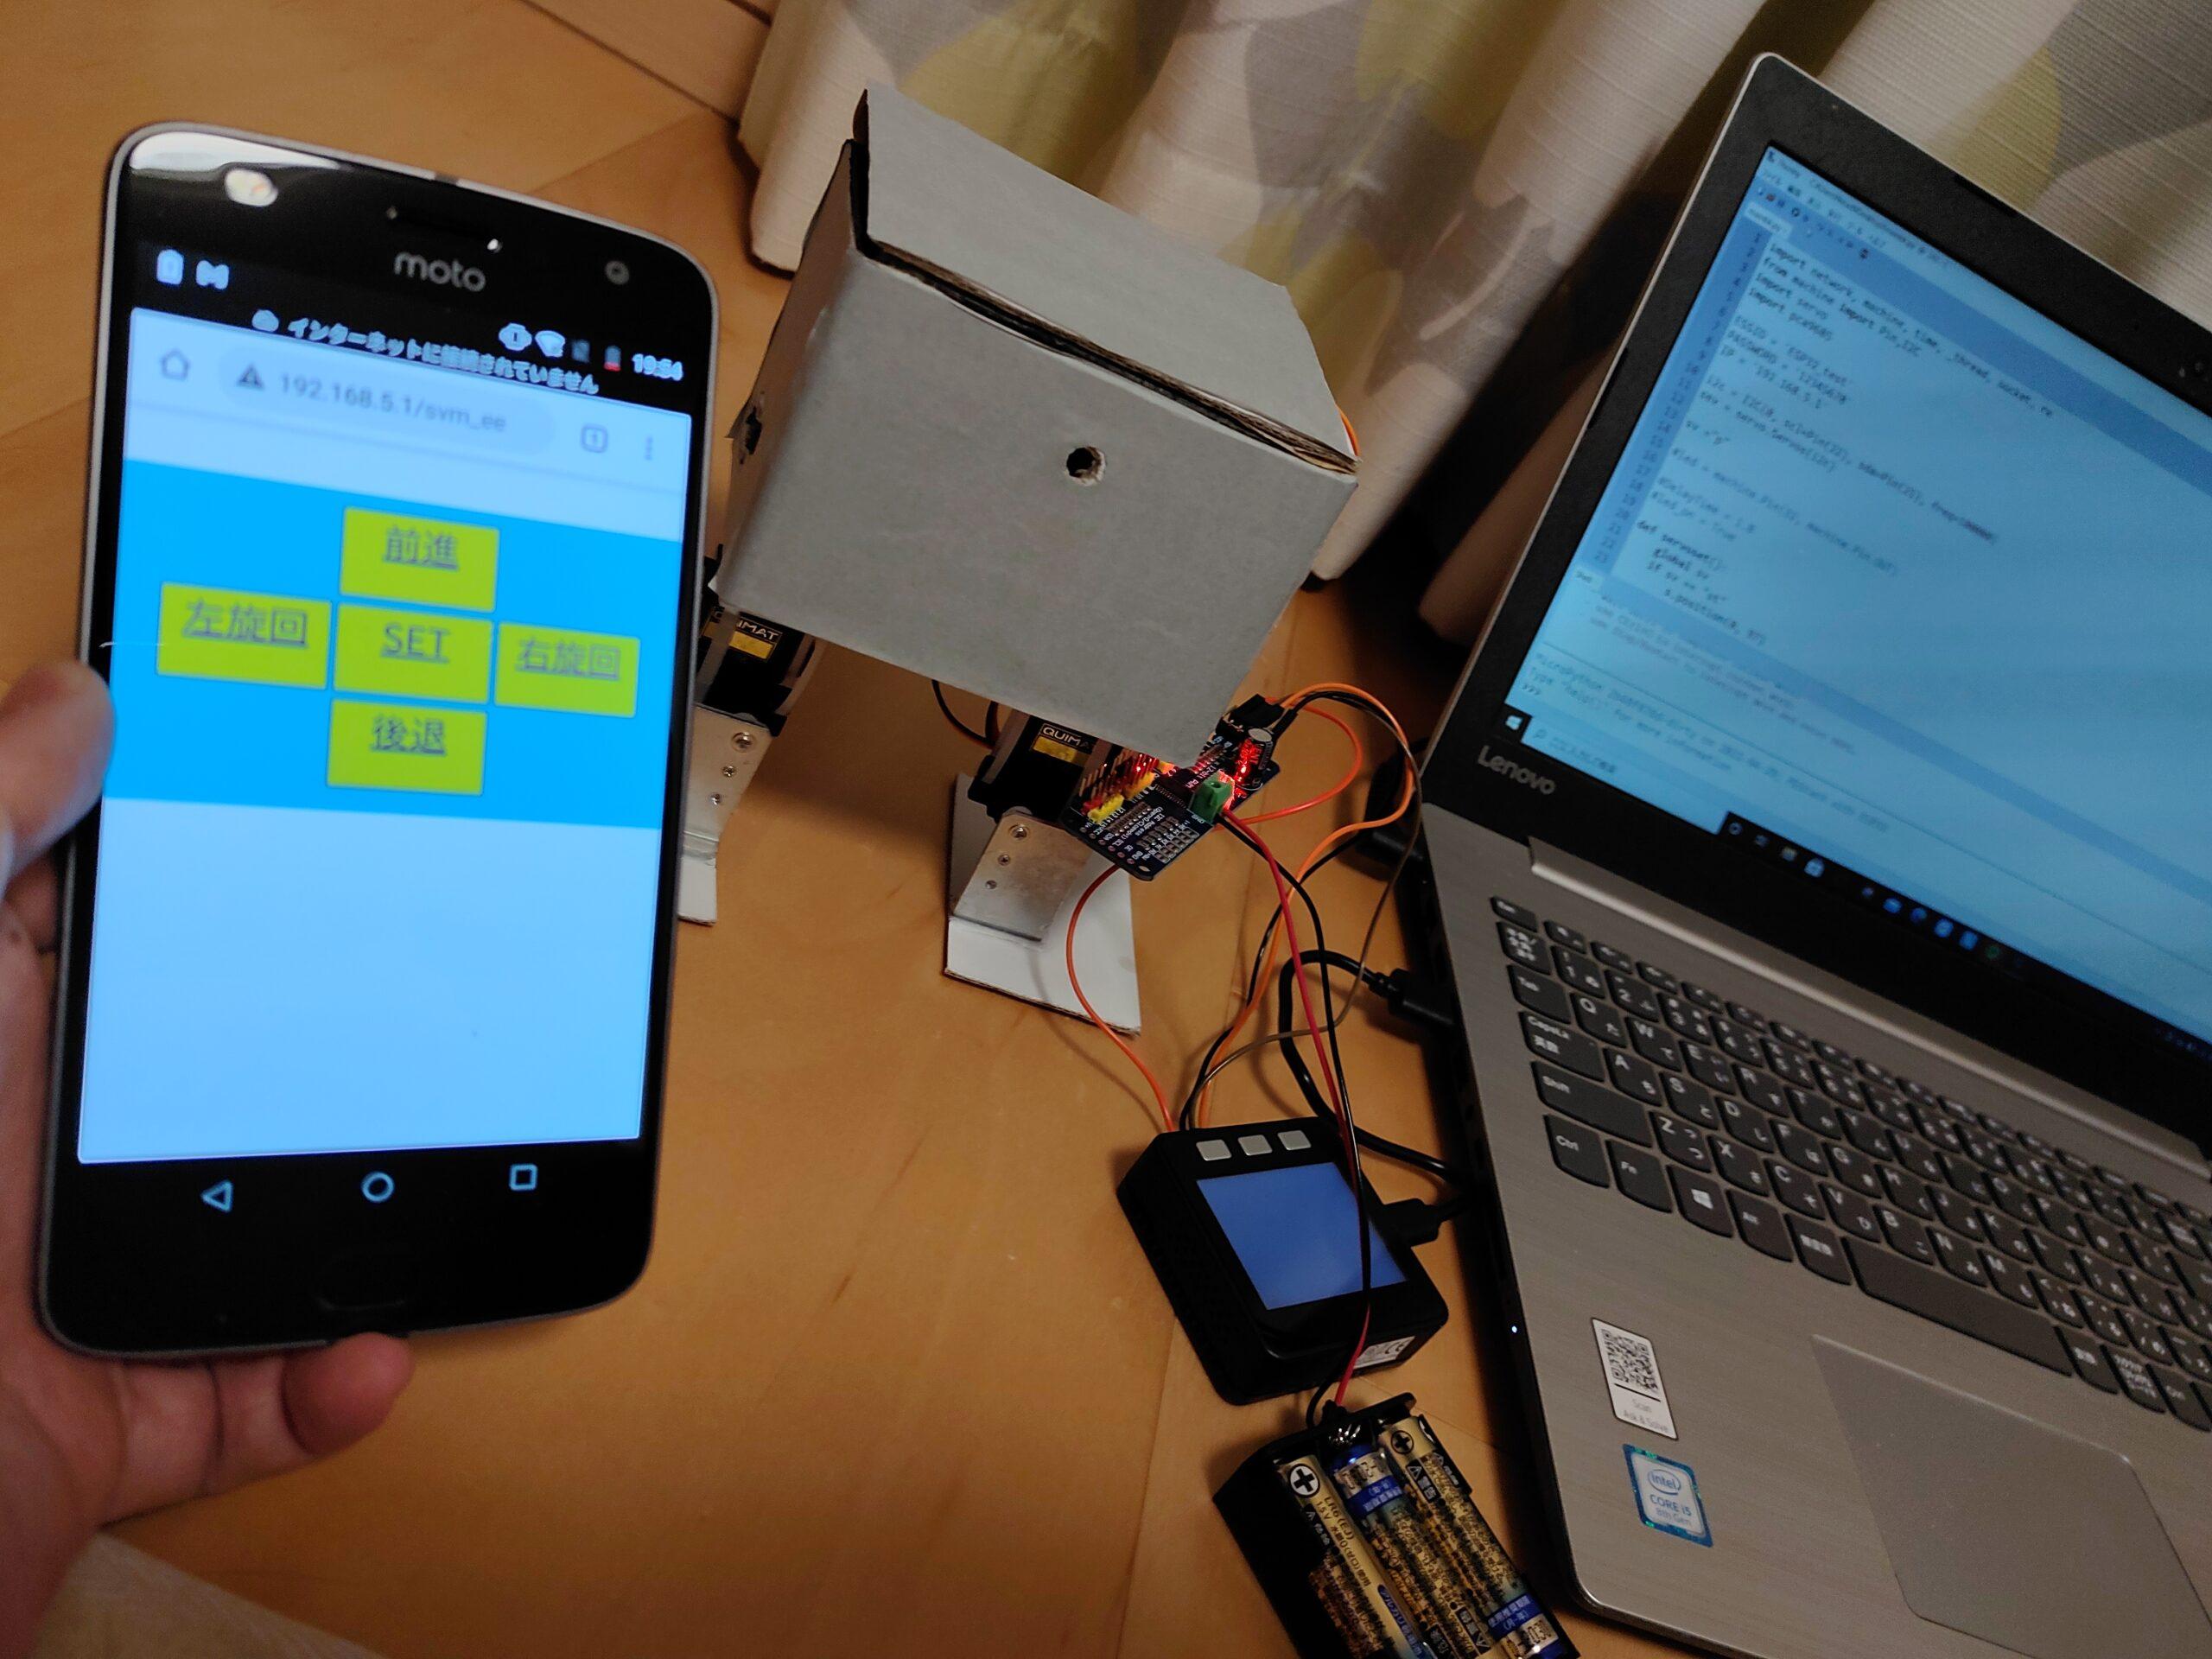 M5stackで2足歩行ロボットの作成⑤「micropythonで立てたWEBサーバーにブラウザでアクセスしてPCA9685を制御しロボットを操作する」